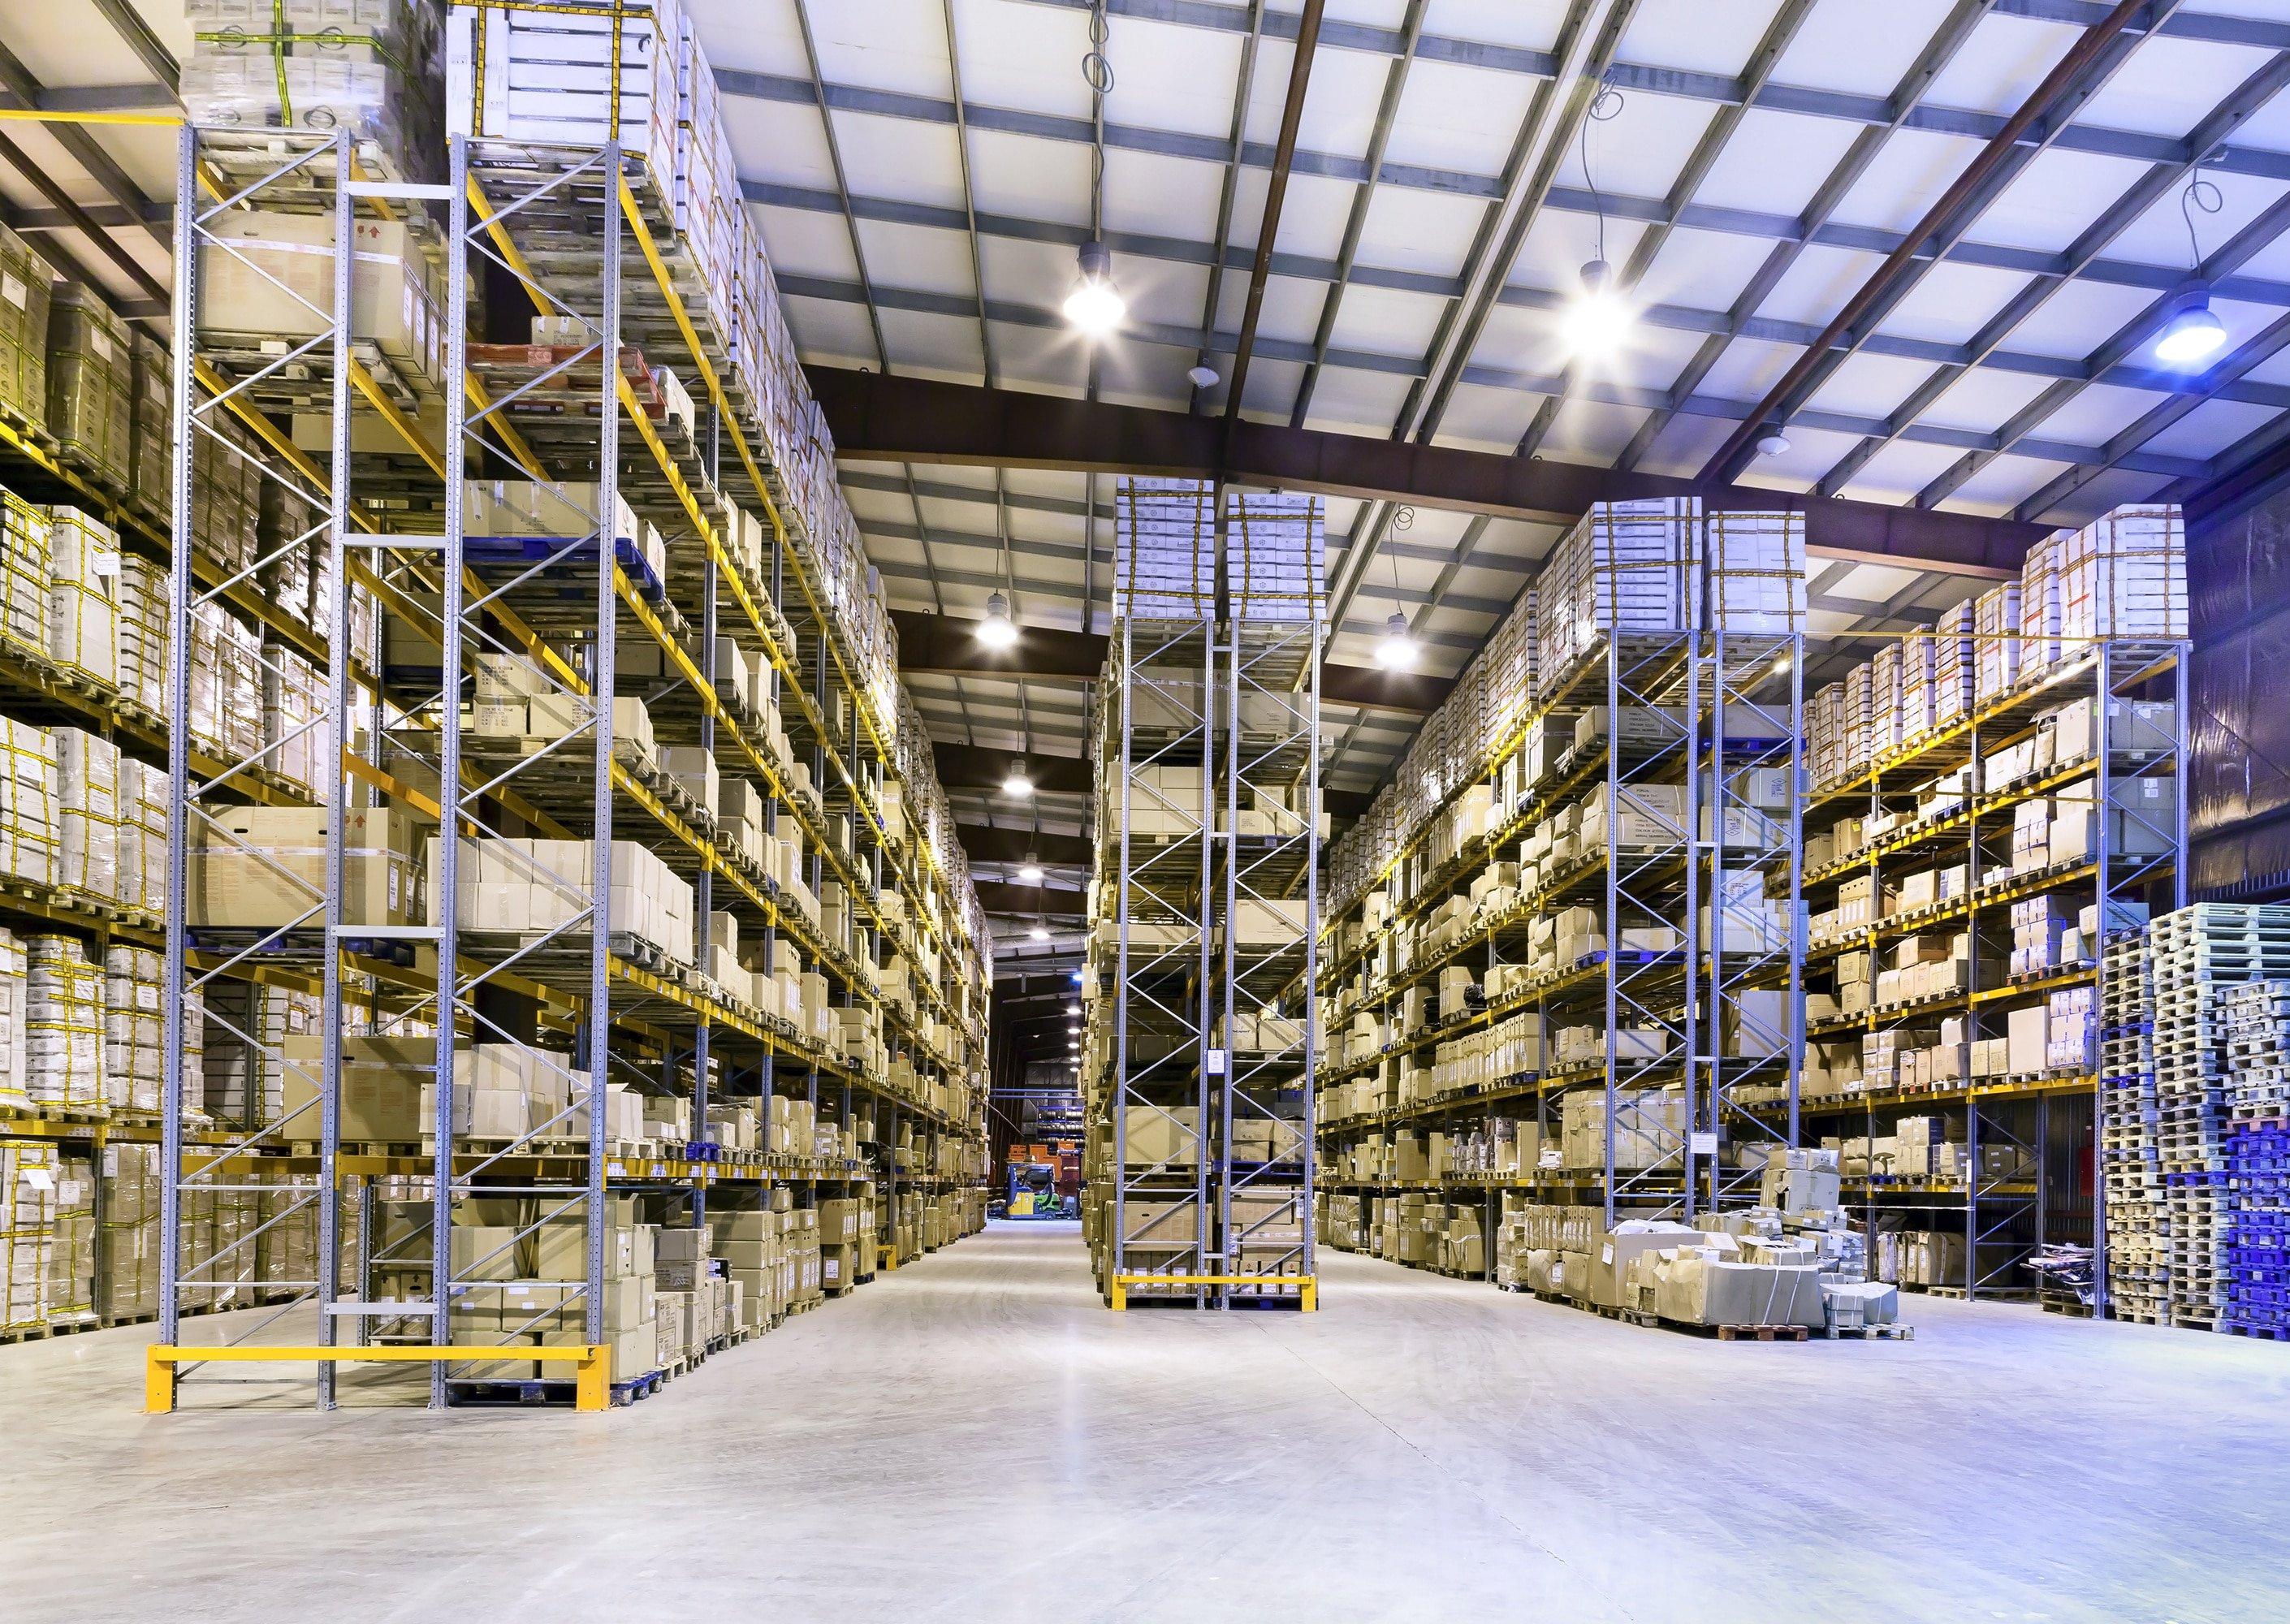 warehouse with DALI LED panels